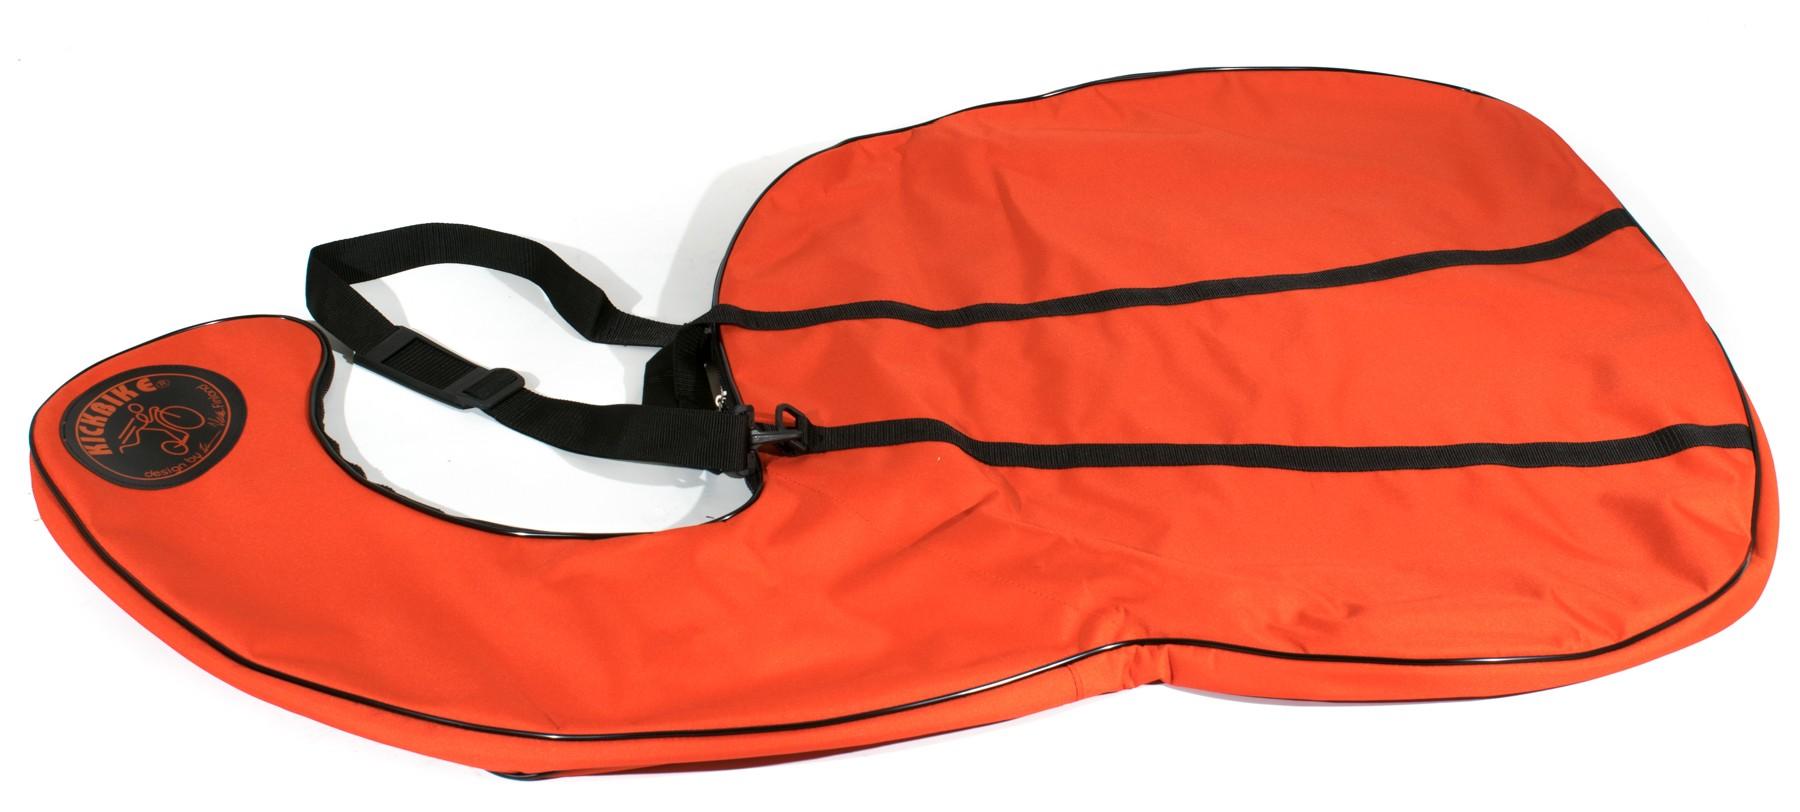 Bag For Kickbike